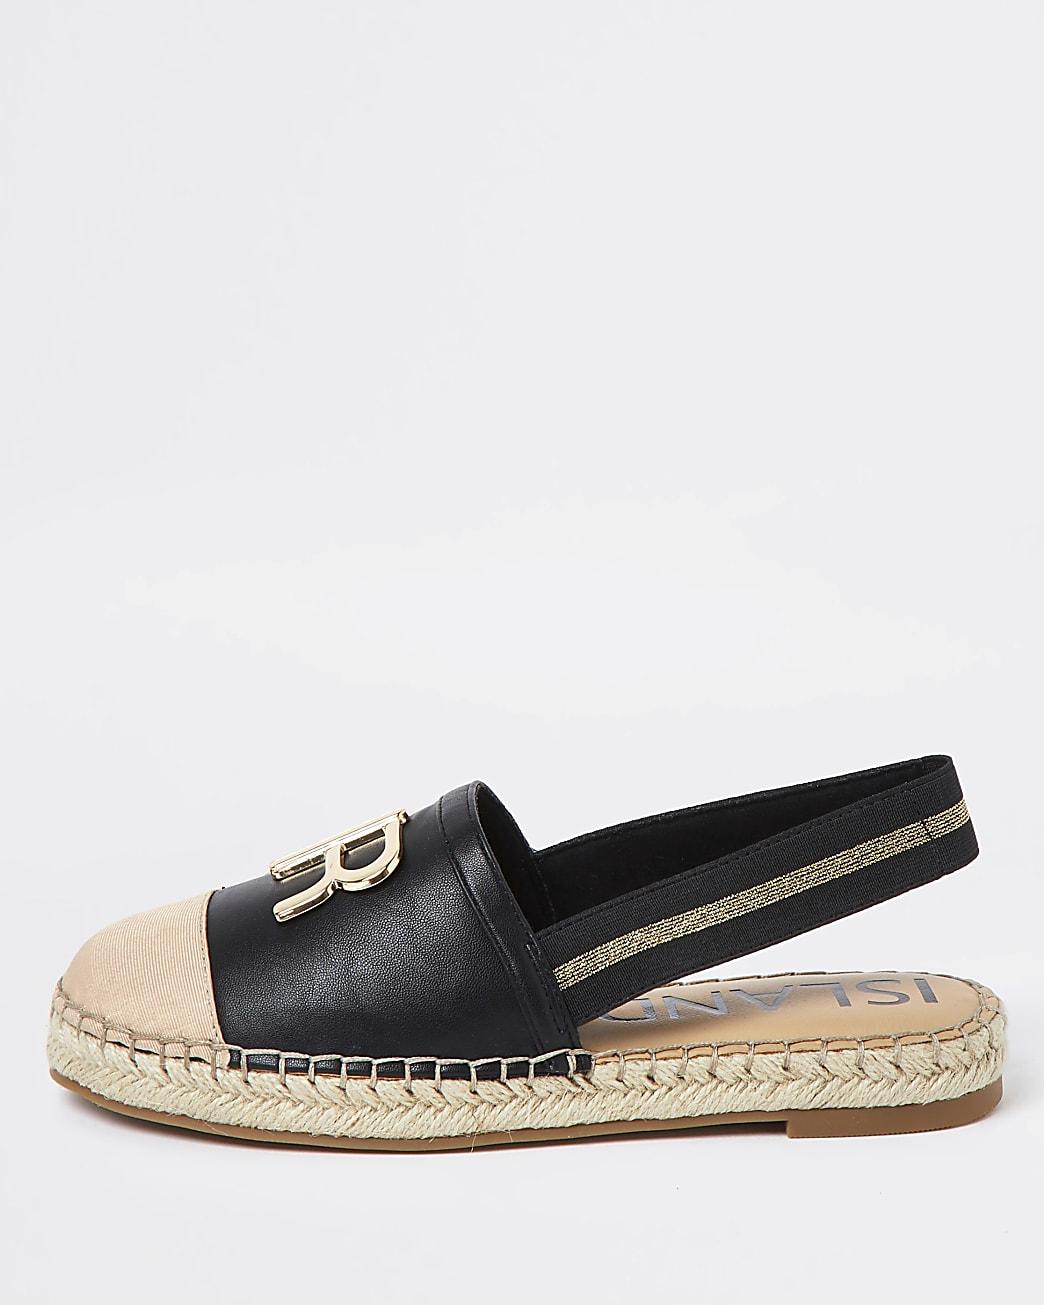 Black sling back espadrille sandals